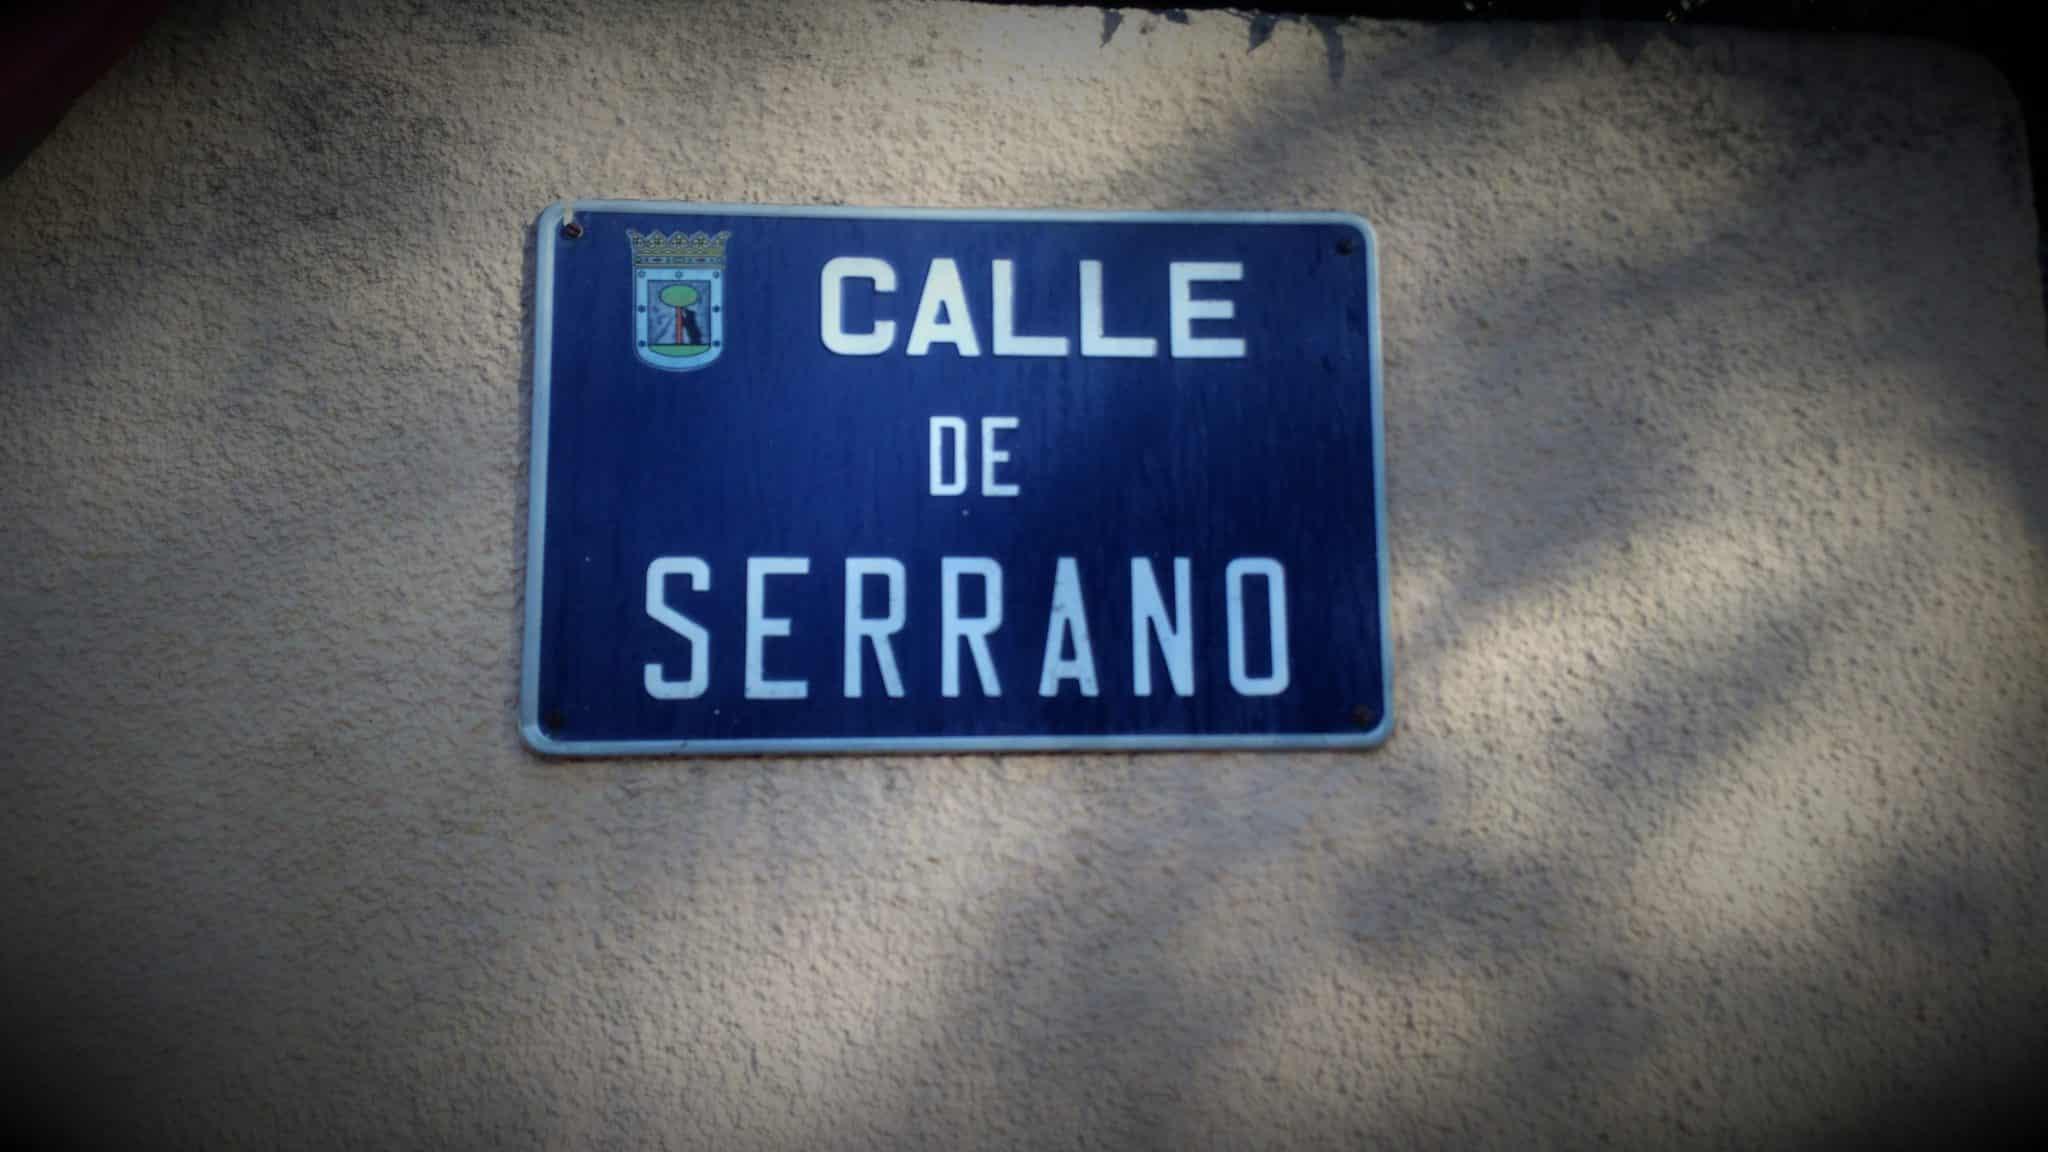 Placa de la calle Serrano (Madrid)